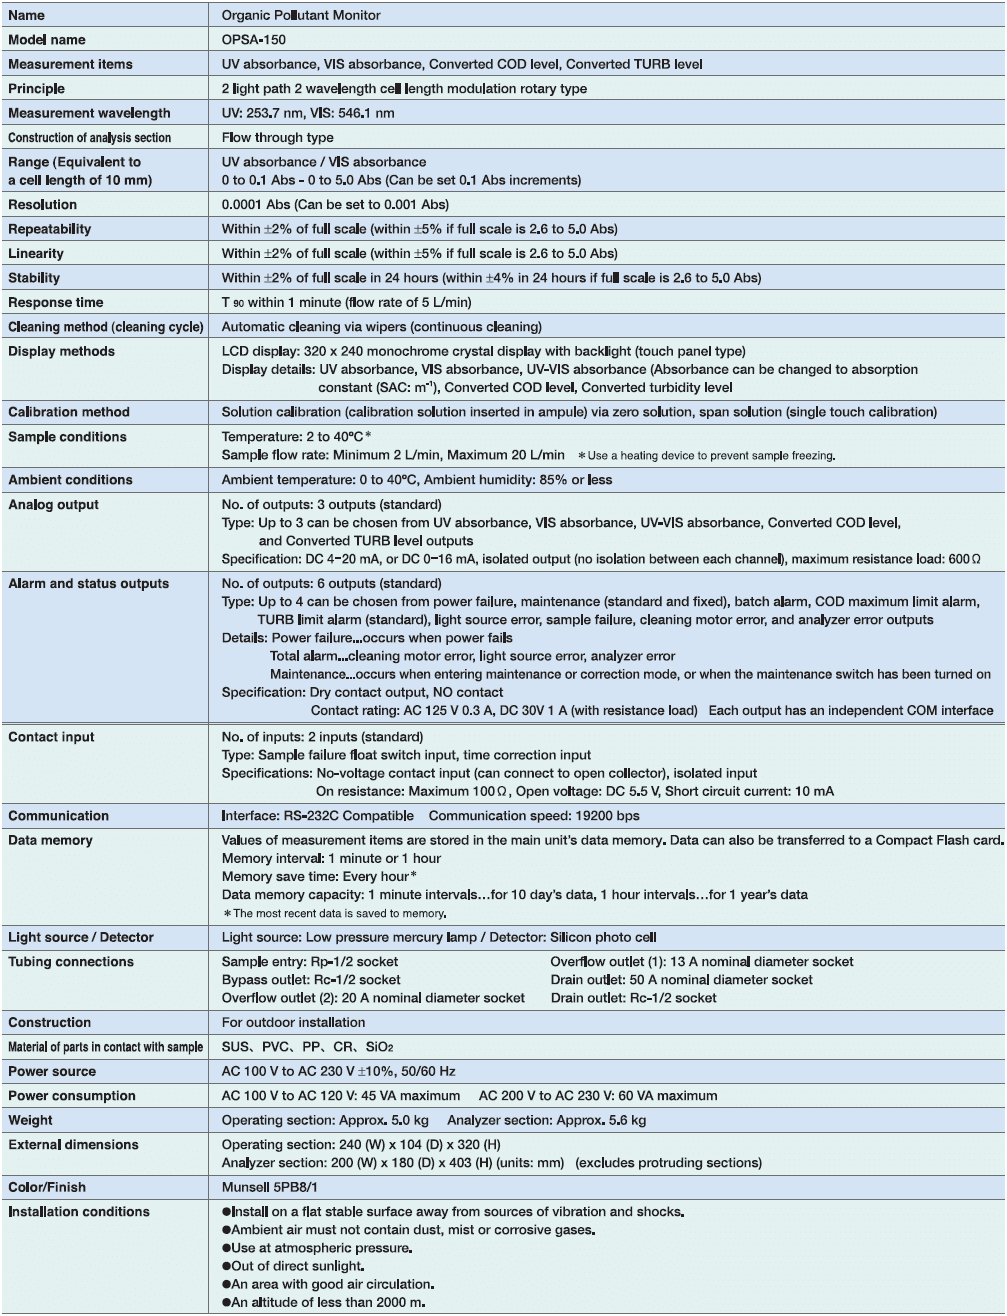 Especificaciones Monitor de Demanda Química de Oxígeno Horiba OPSA-150